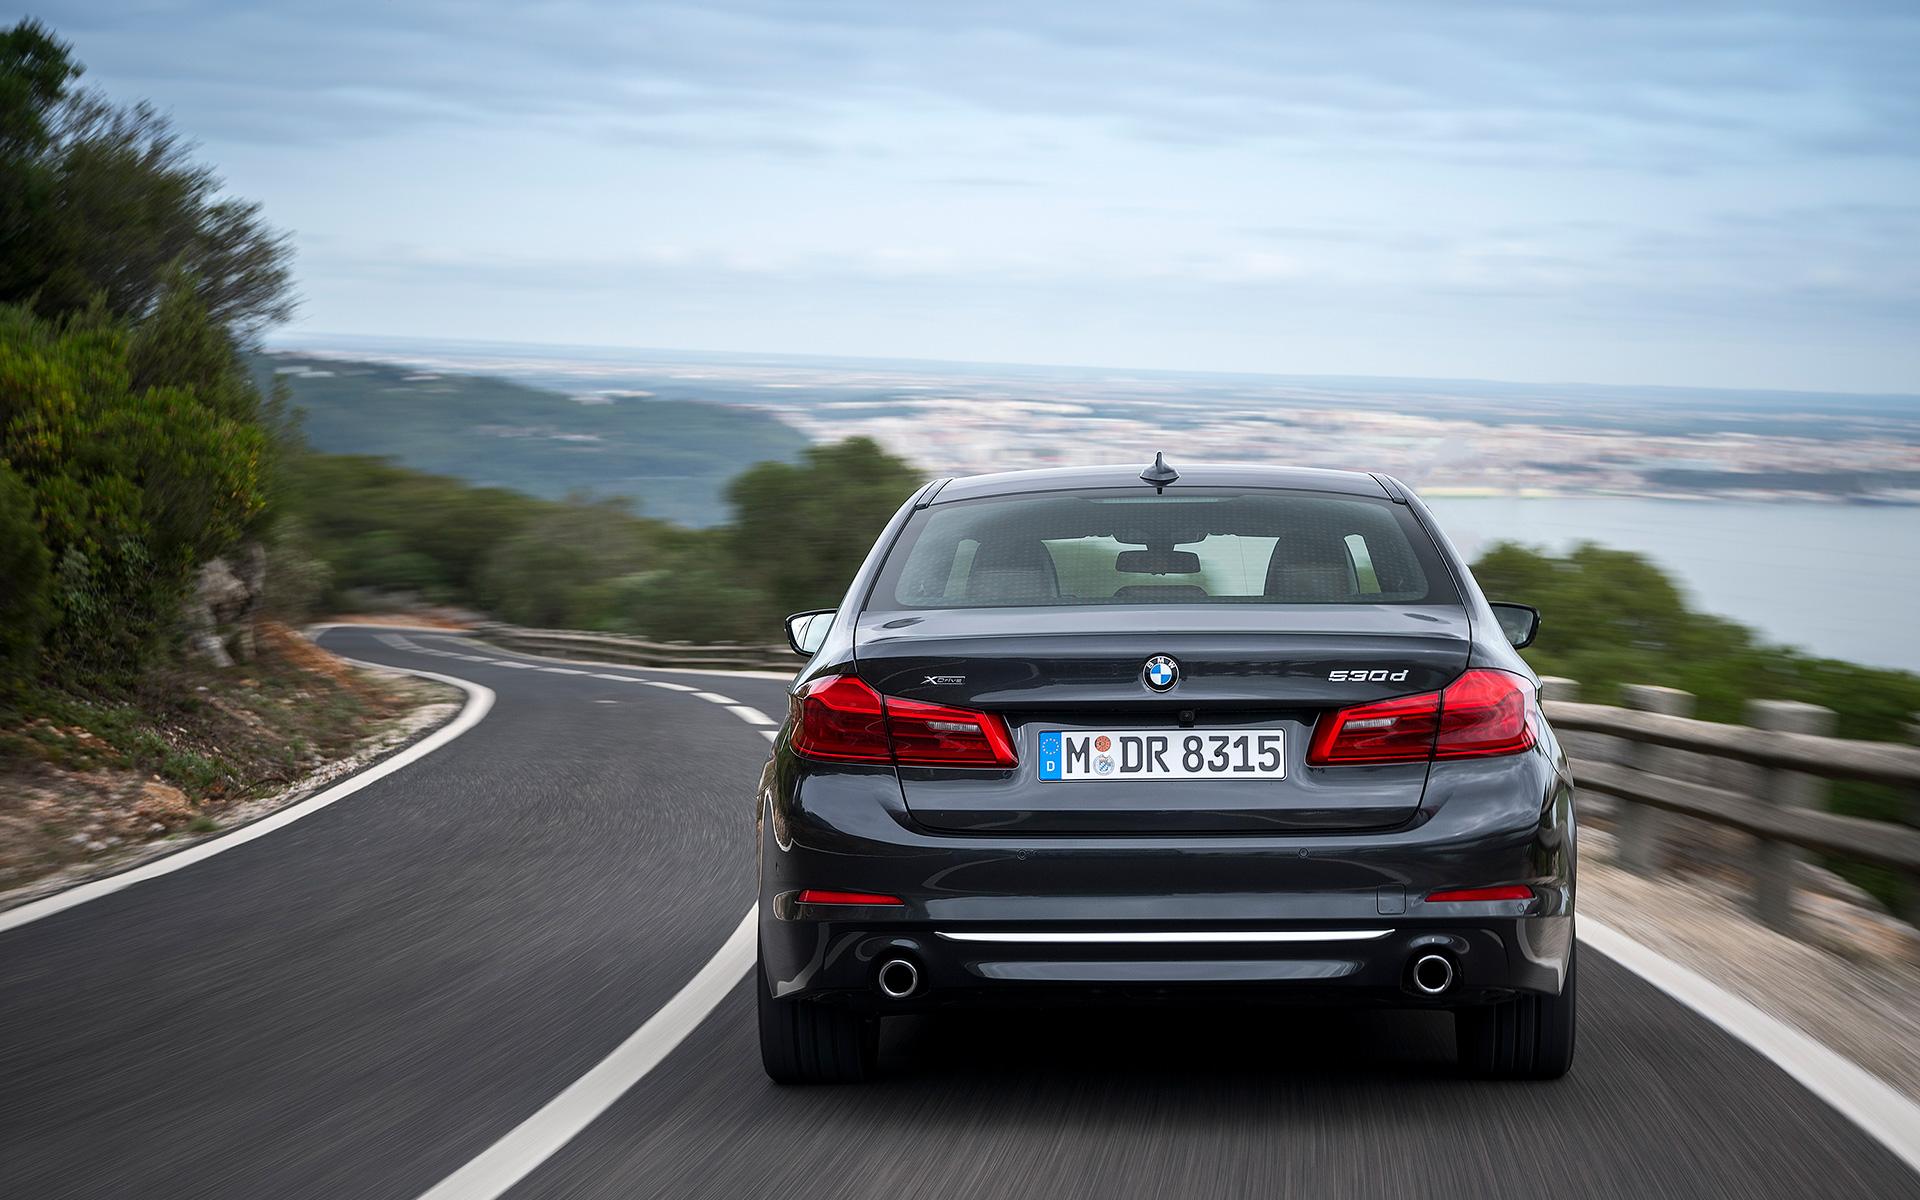 Тест новой «пятерки» BMW, которая теперь почти как «семерка». Только меньше. Фото 5